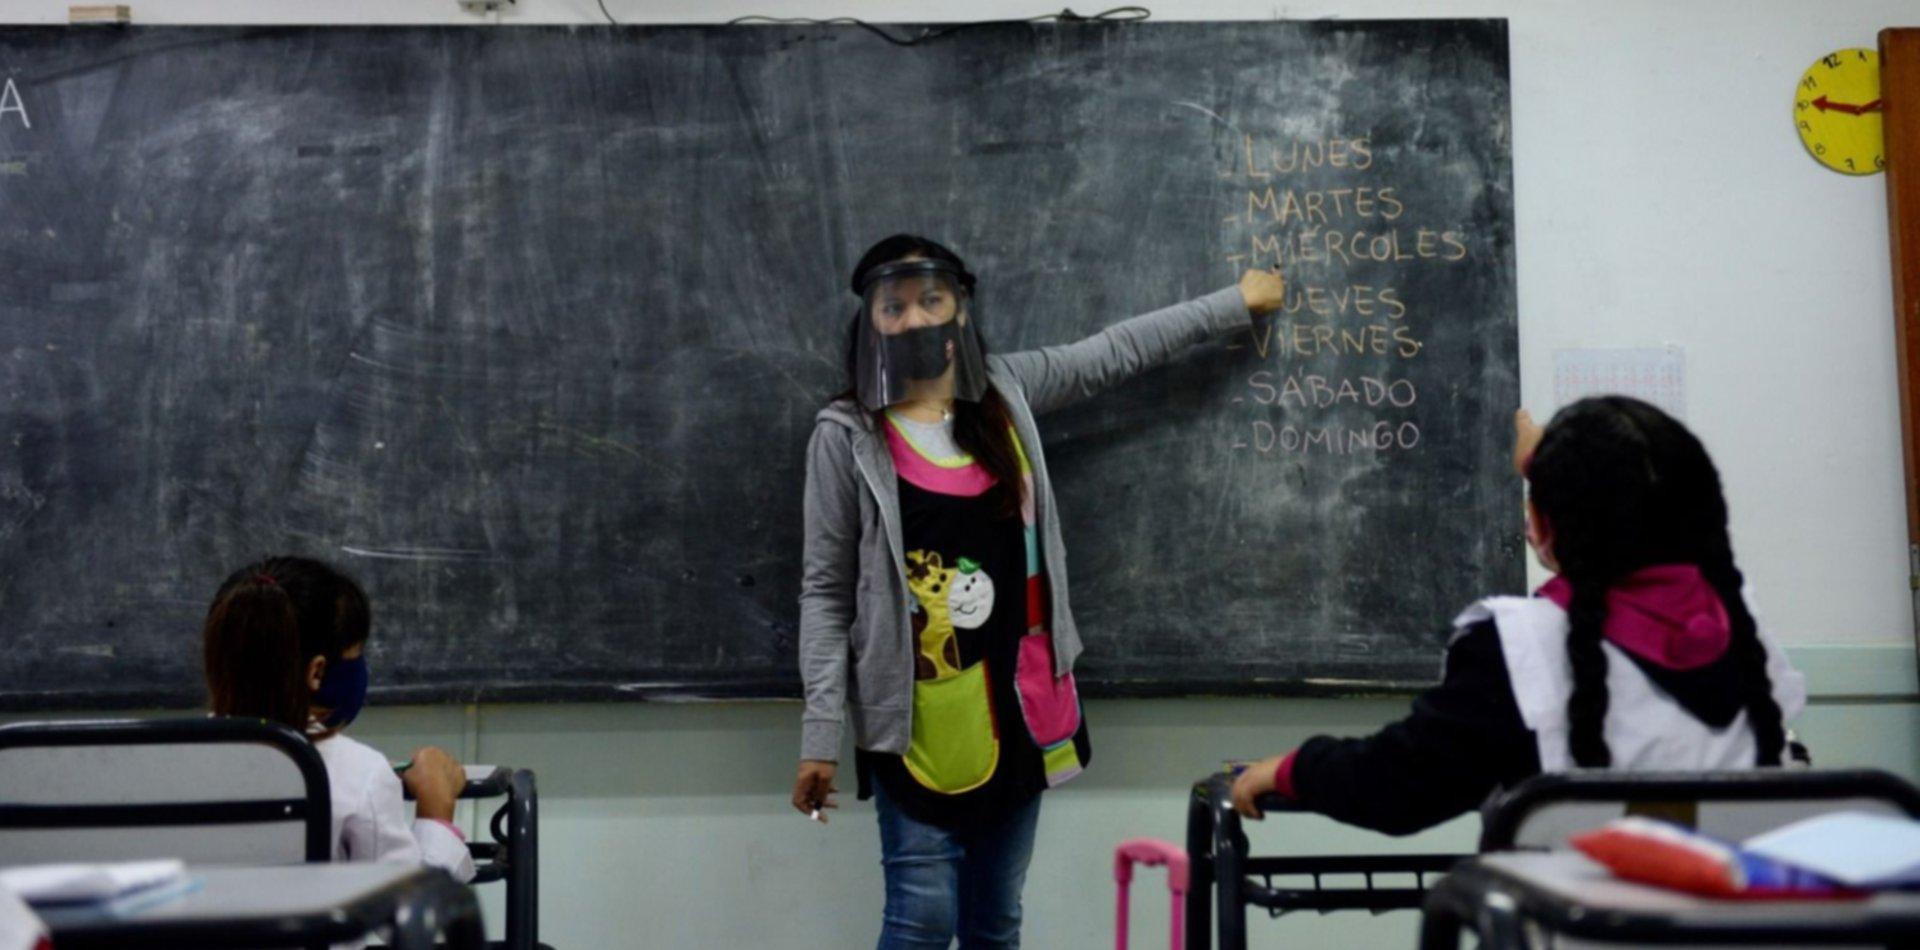 ¿Cuánto y cómo le pagarán a los docentes que darán clases los sábados por la pandemia?